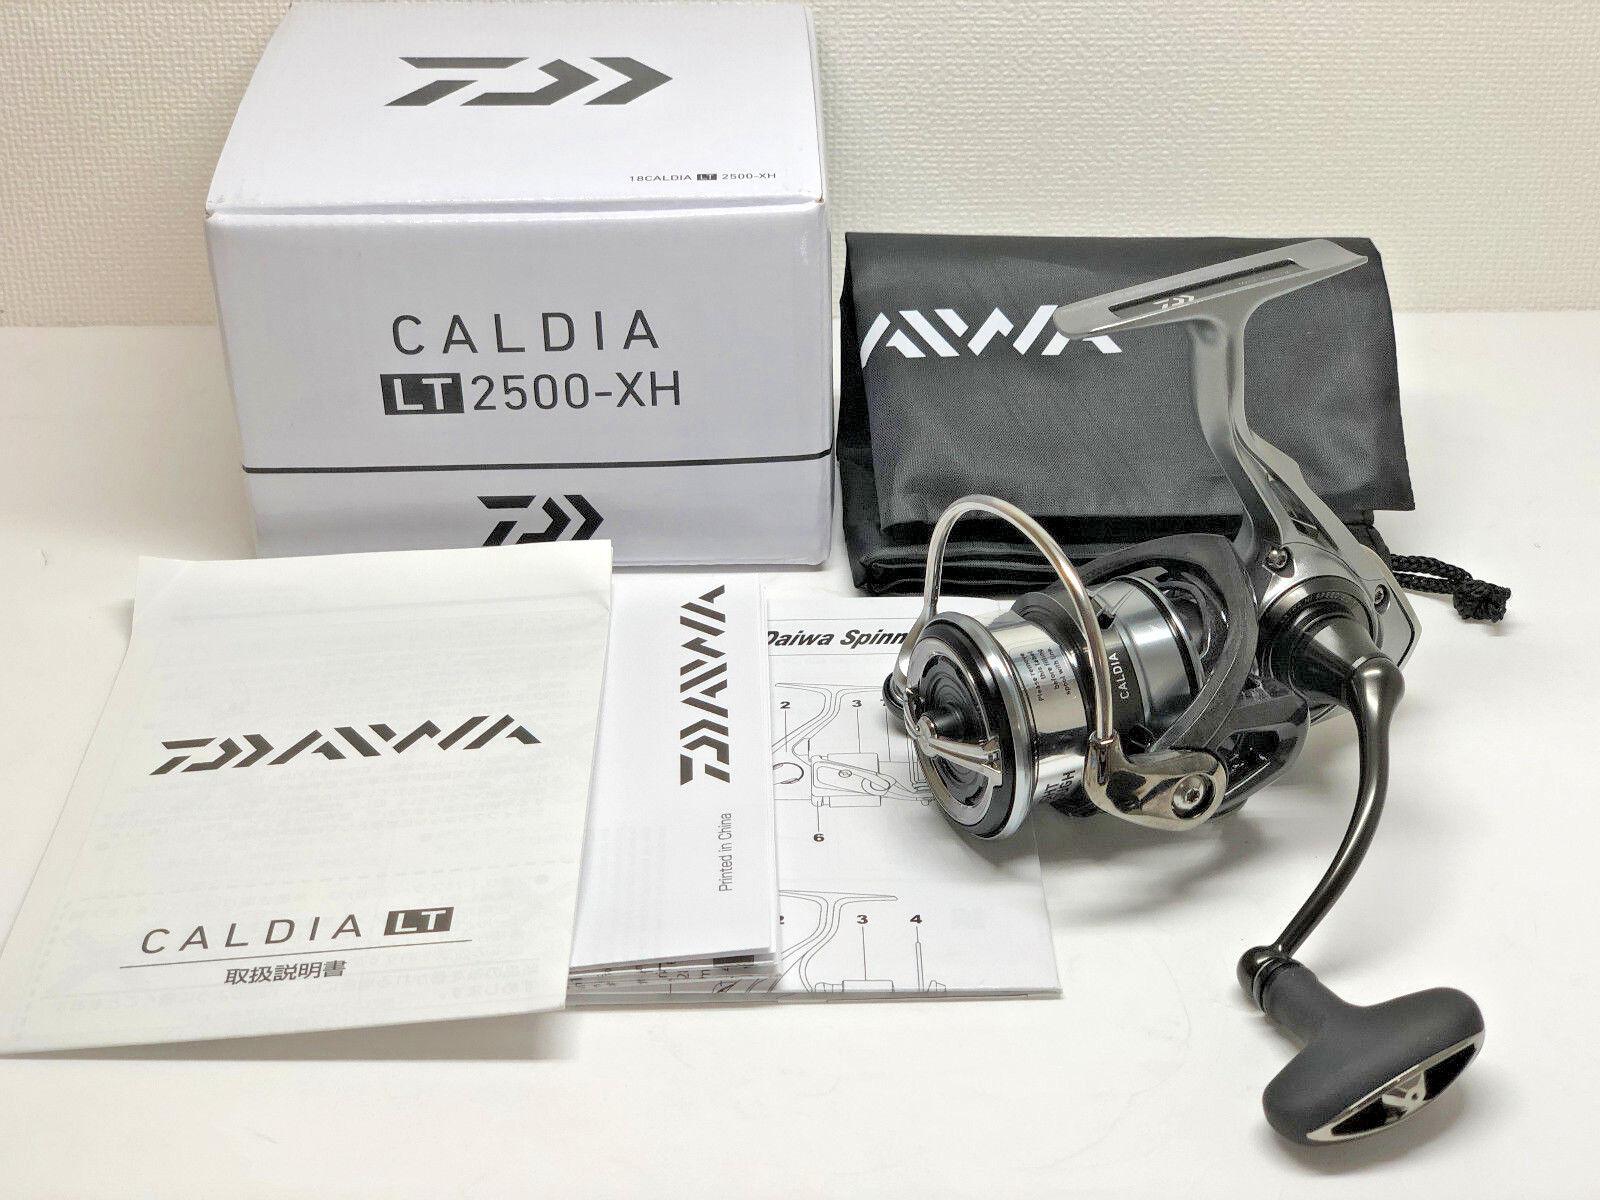 Daiwa CALDIA LT 18 2500-XH - Envío gratuito desde Japón